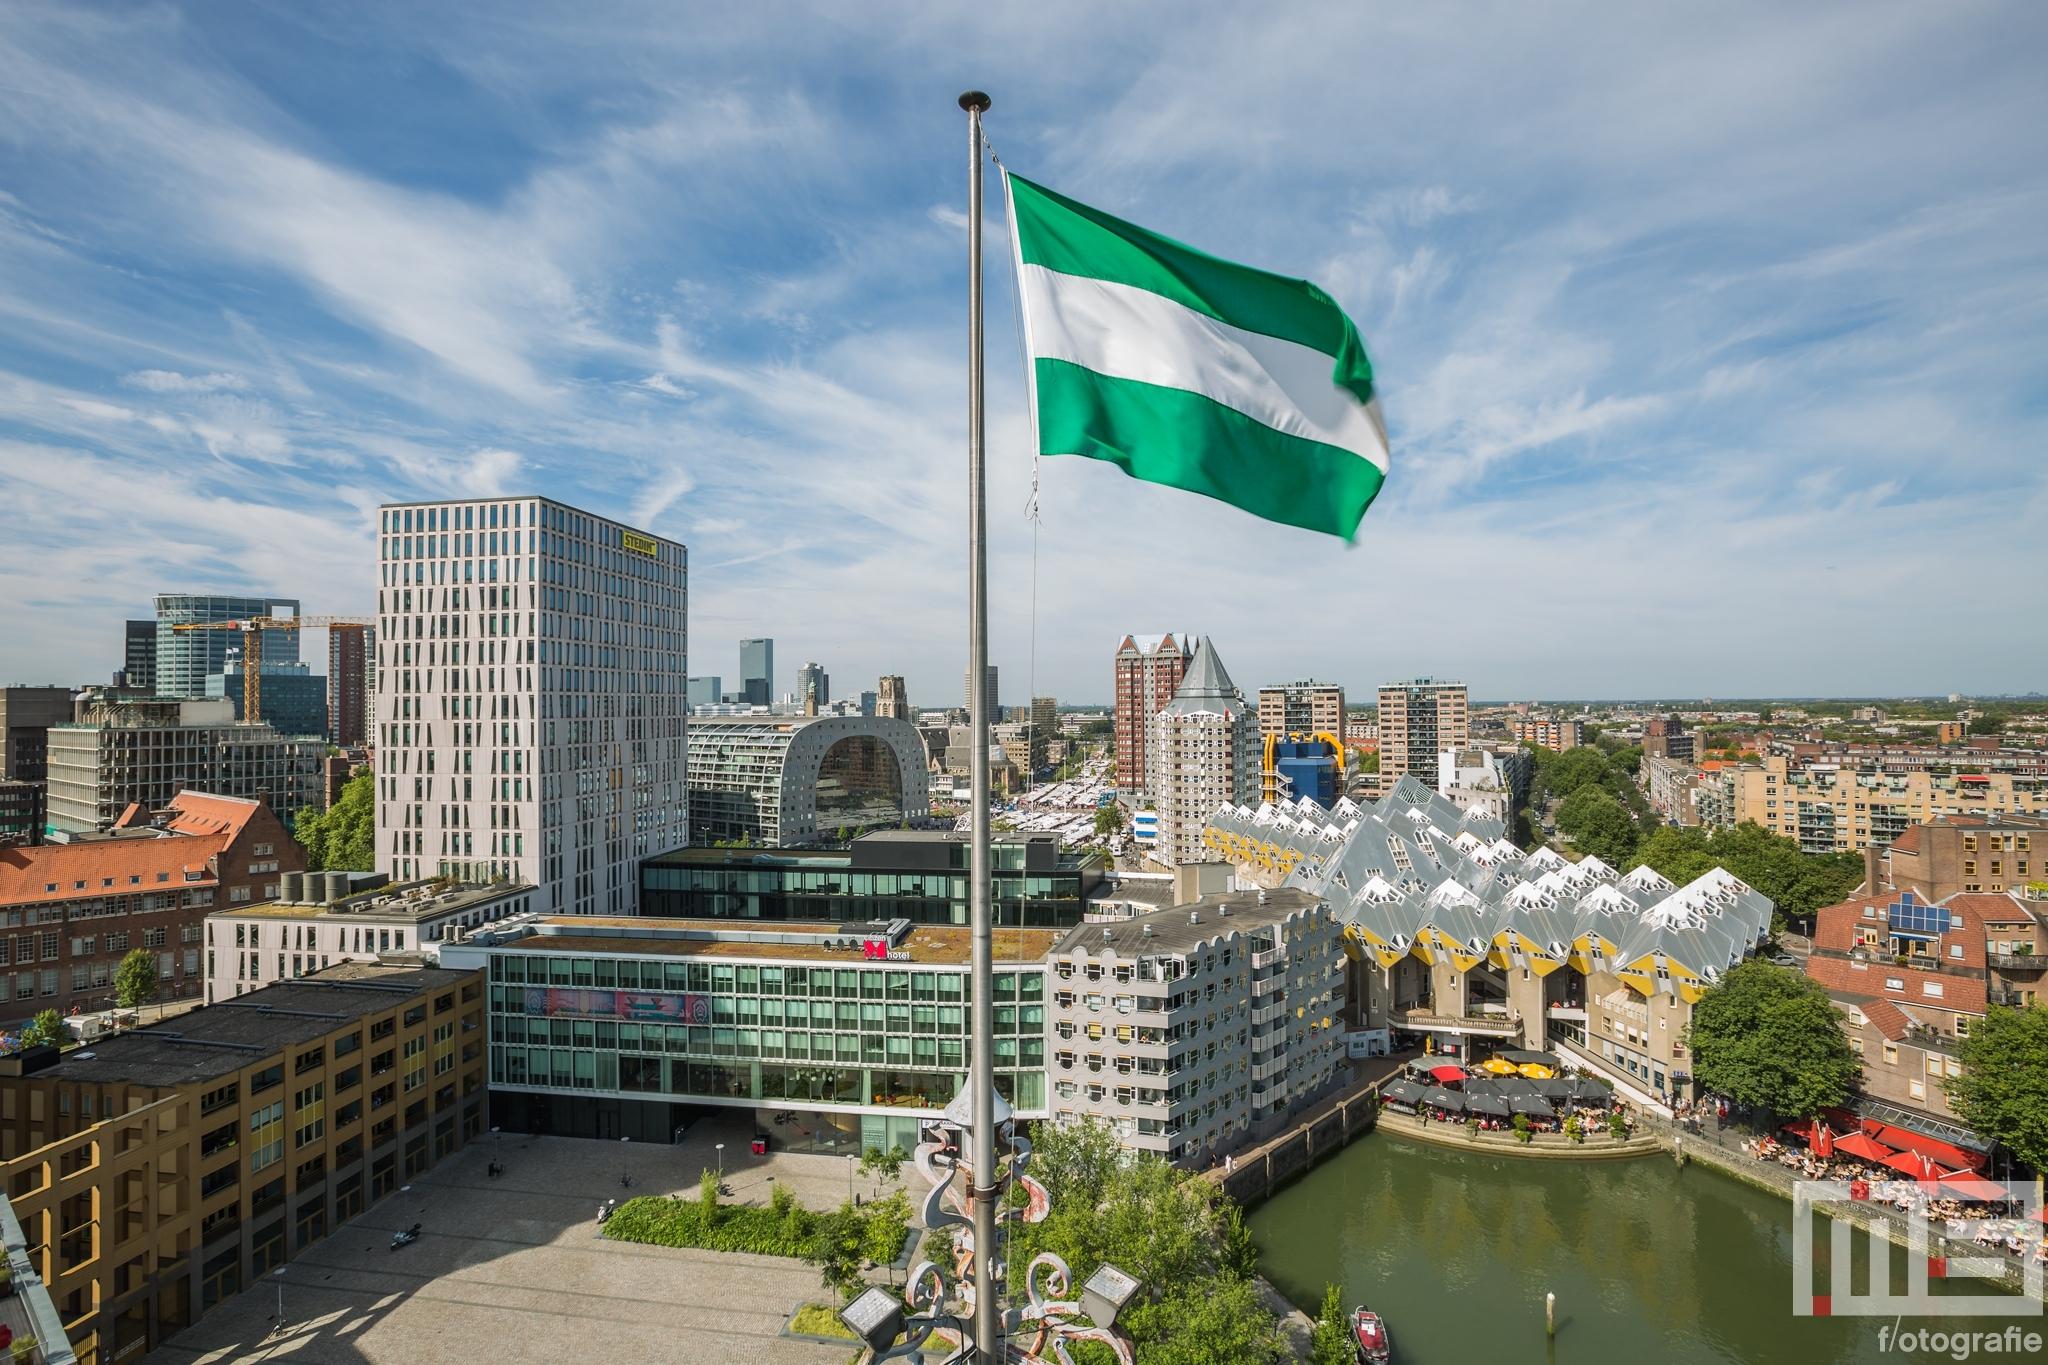 Te Koop | De Oudehaven in Rotterdam met de Rotterdamse vlag